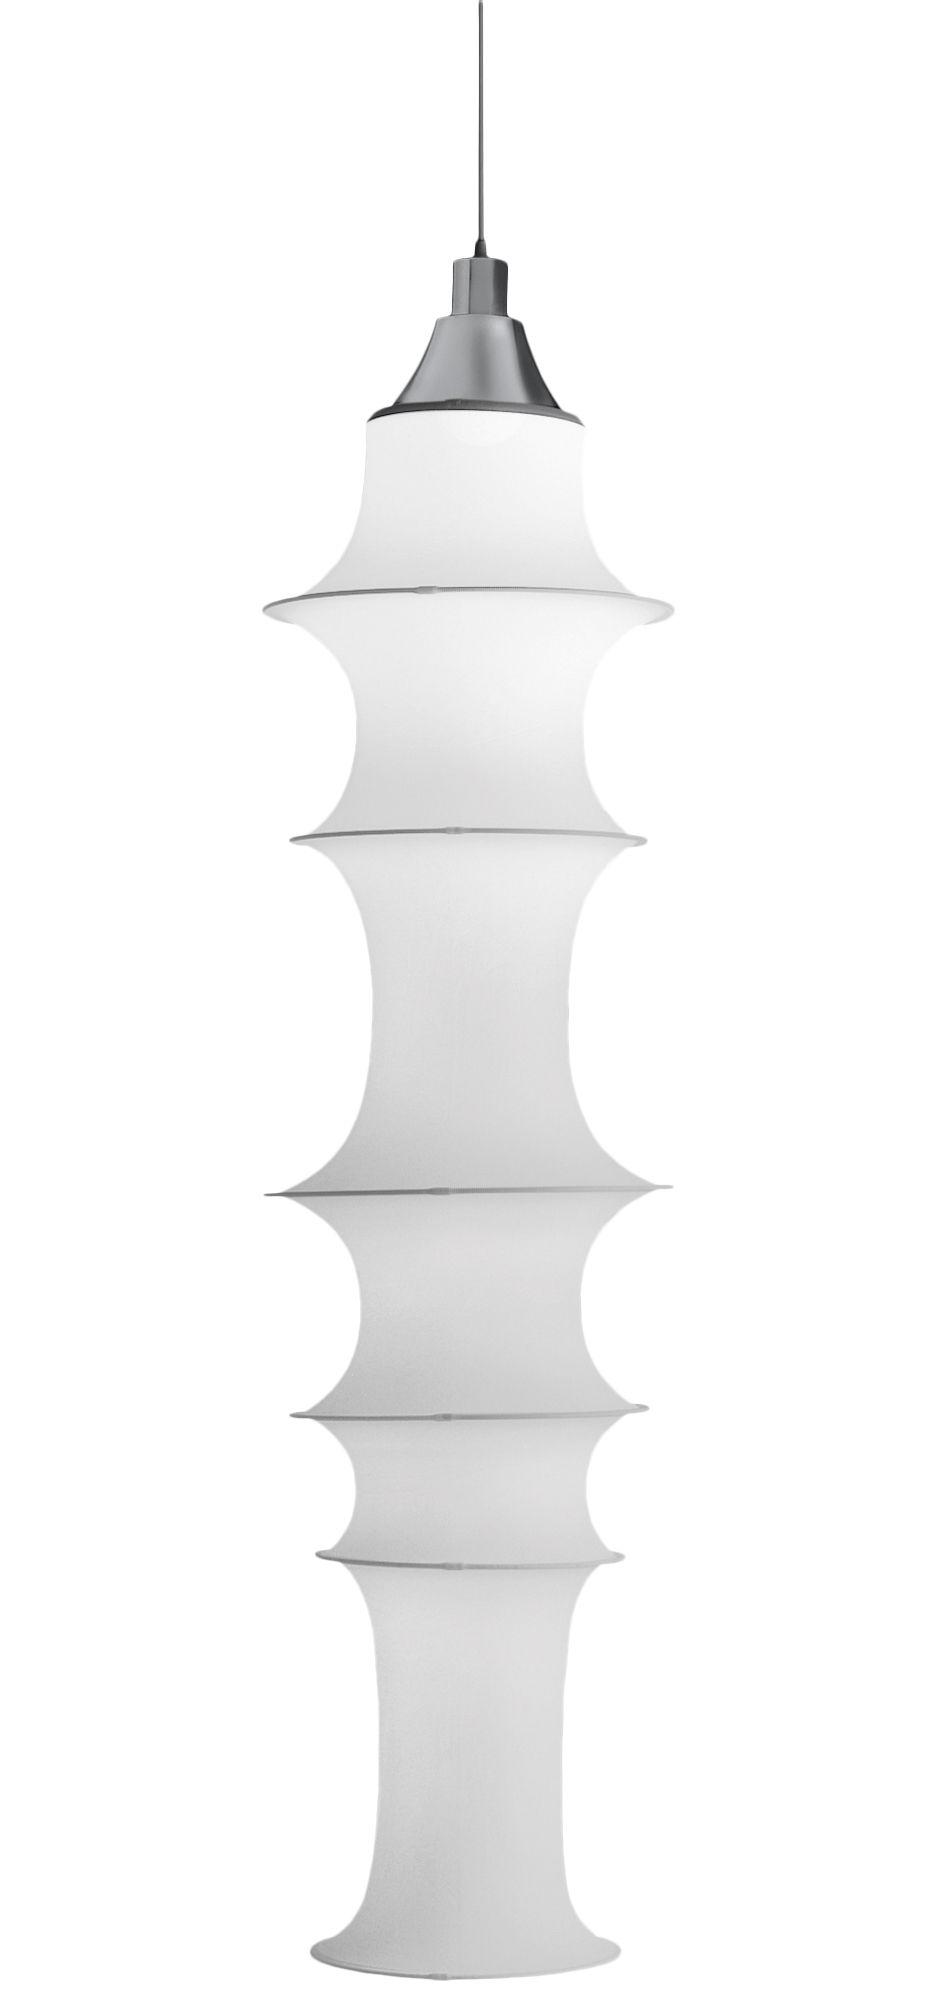 Leuchten - Pendelleuchten - Falkland Pendelleuchte H 165 cm - Danese Light - Weiß - feuerfeste Ausführung (empfohlen für öffentliche Räume) - elastisches Gewebe, Stahl